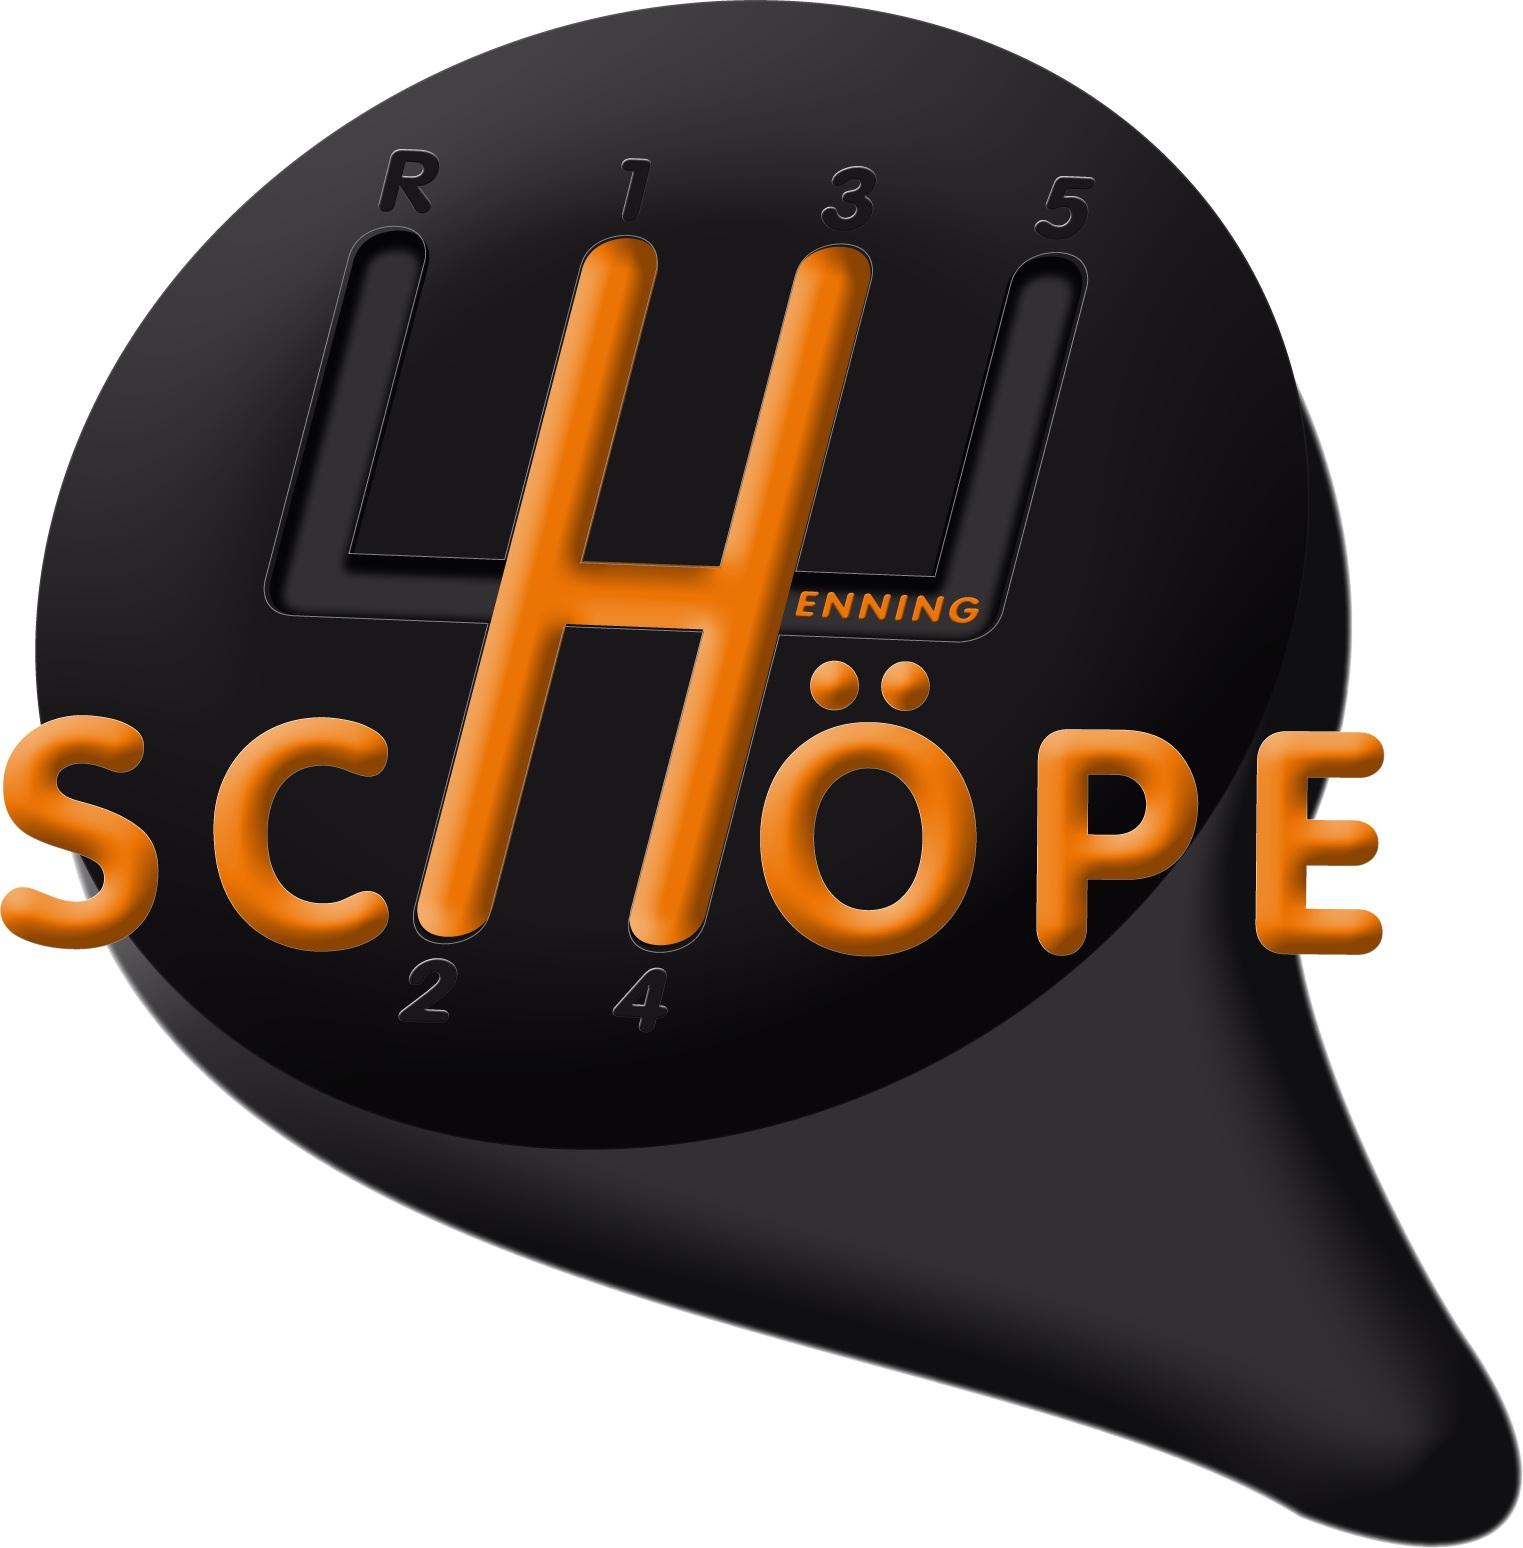 Fahrschule Henning Schöpe GmbH